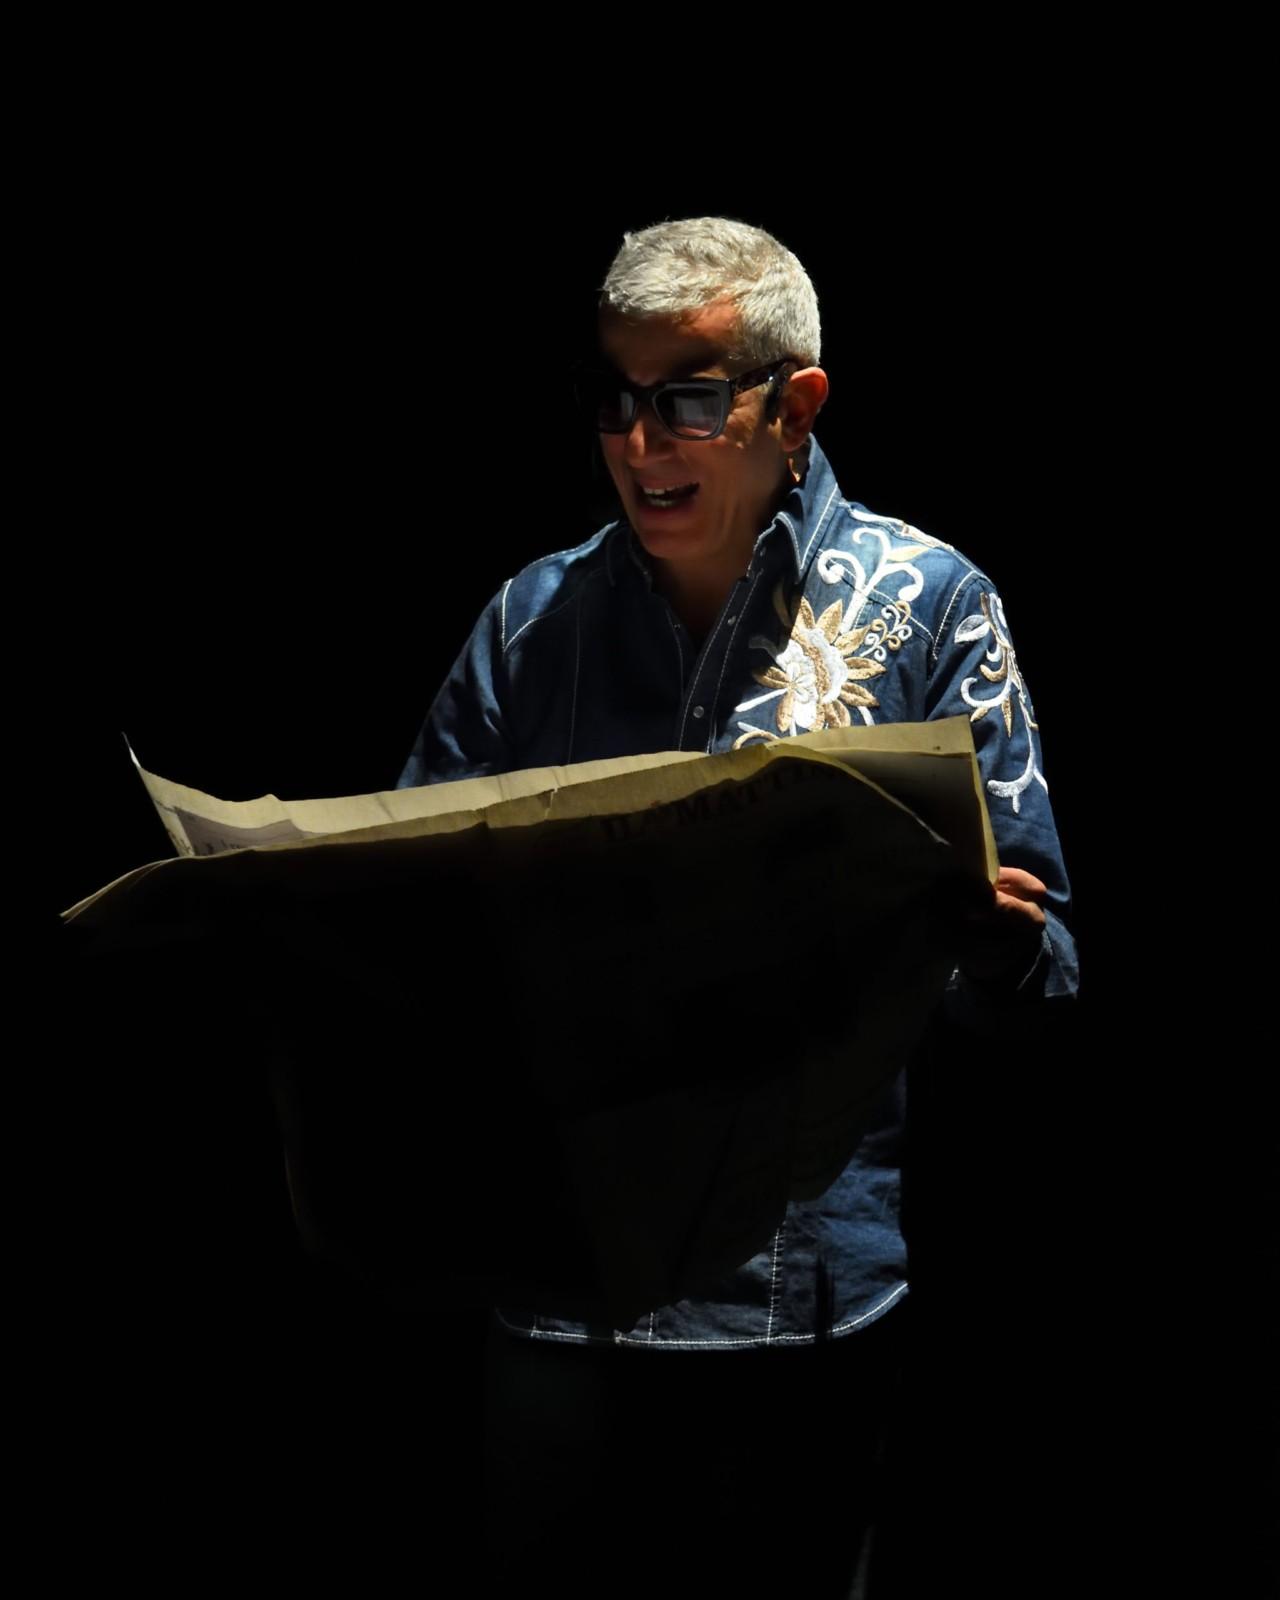 Eugenio Corsi - 7